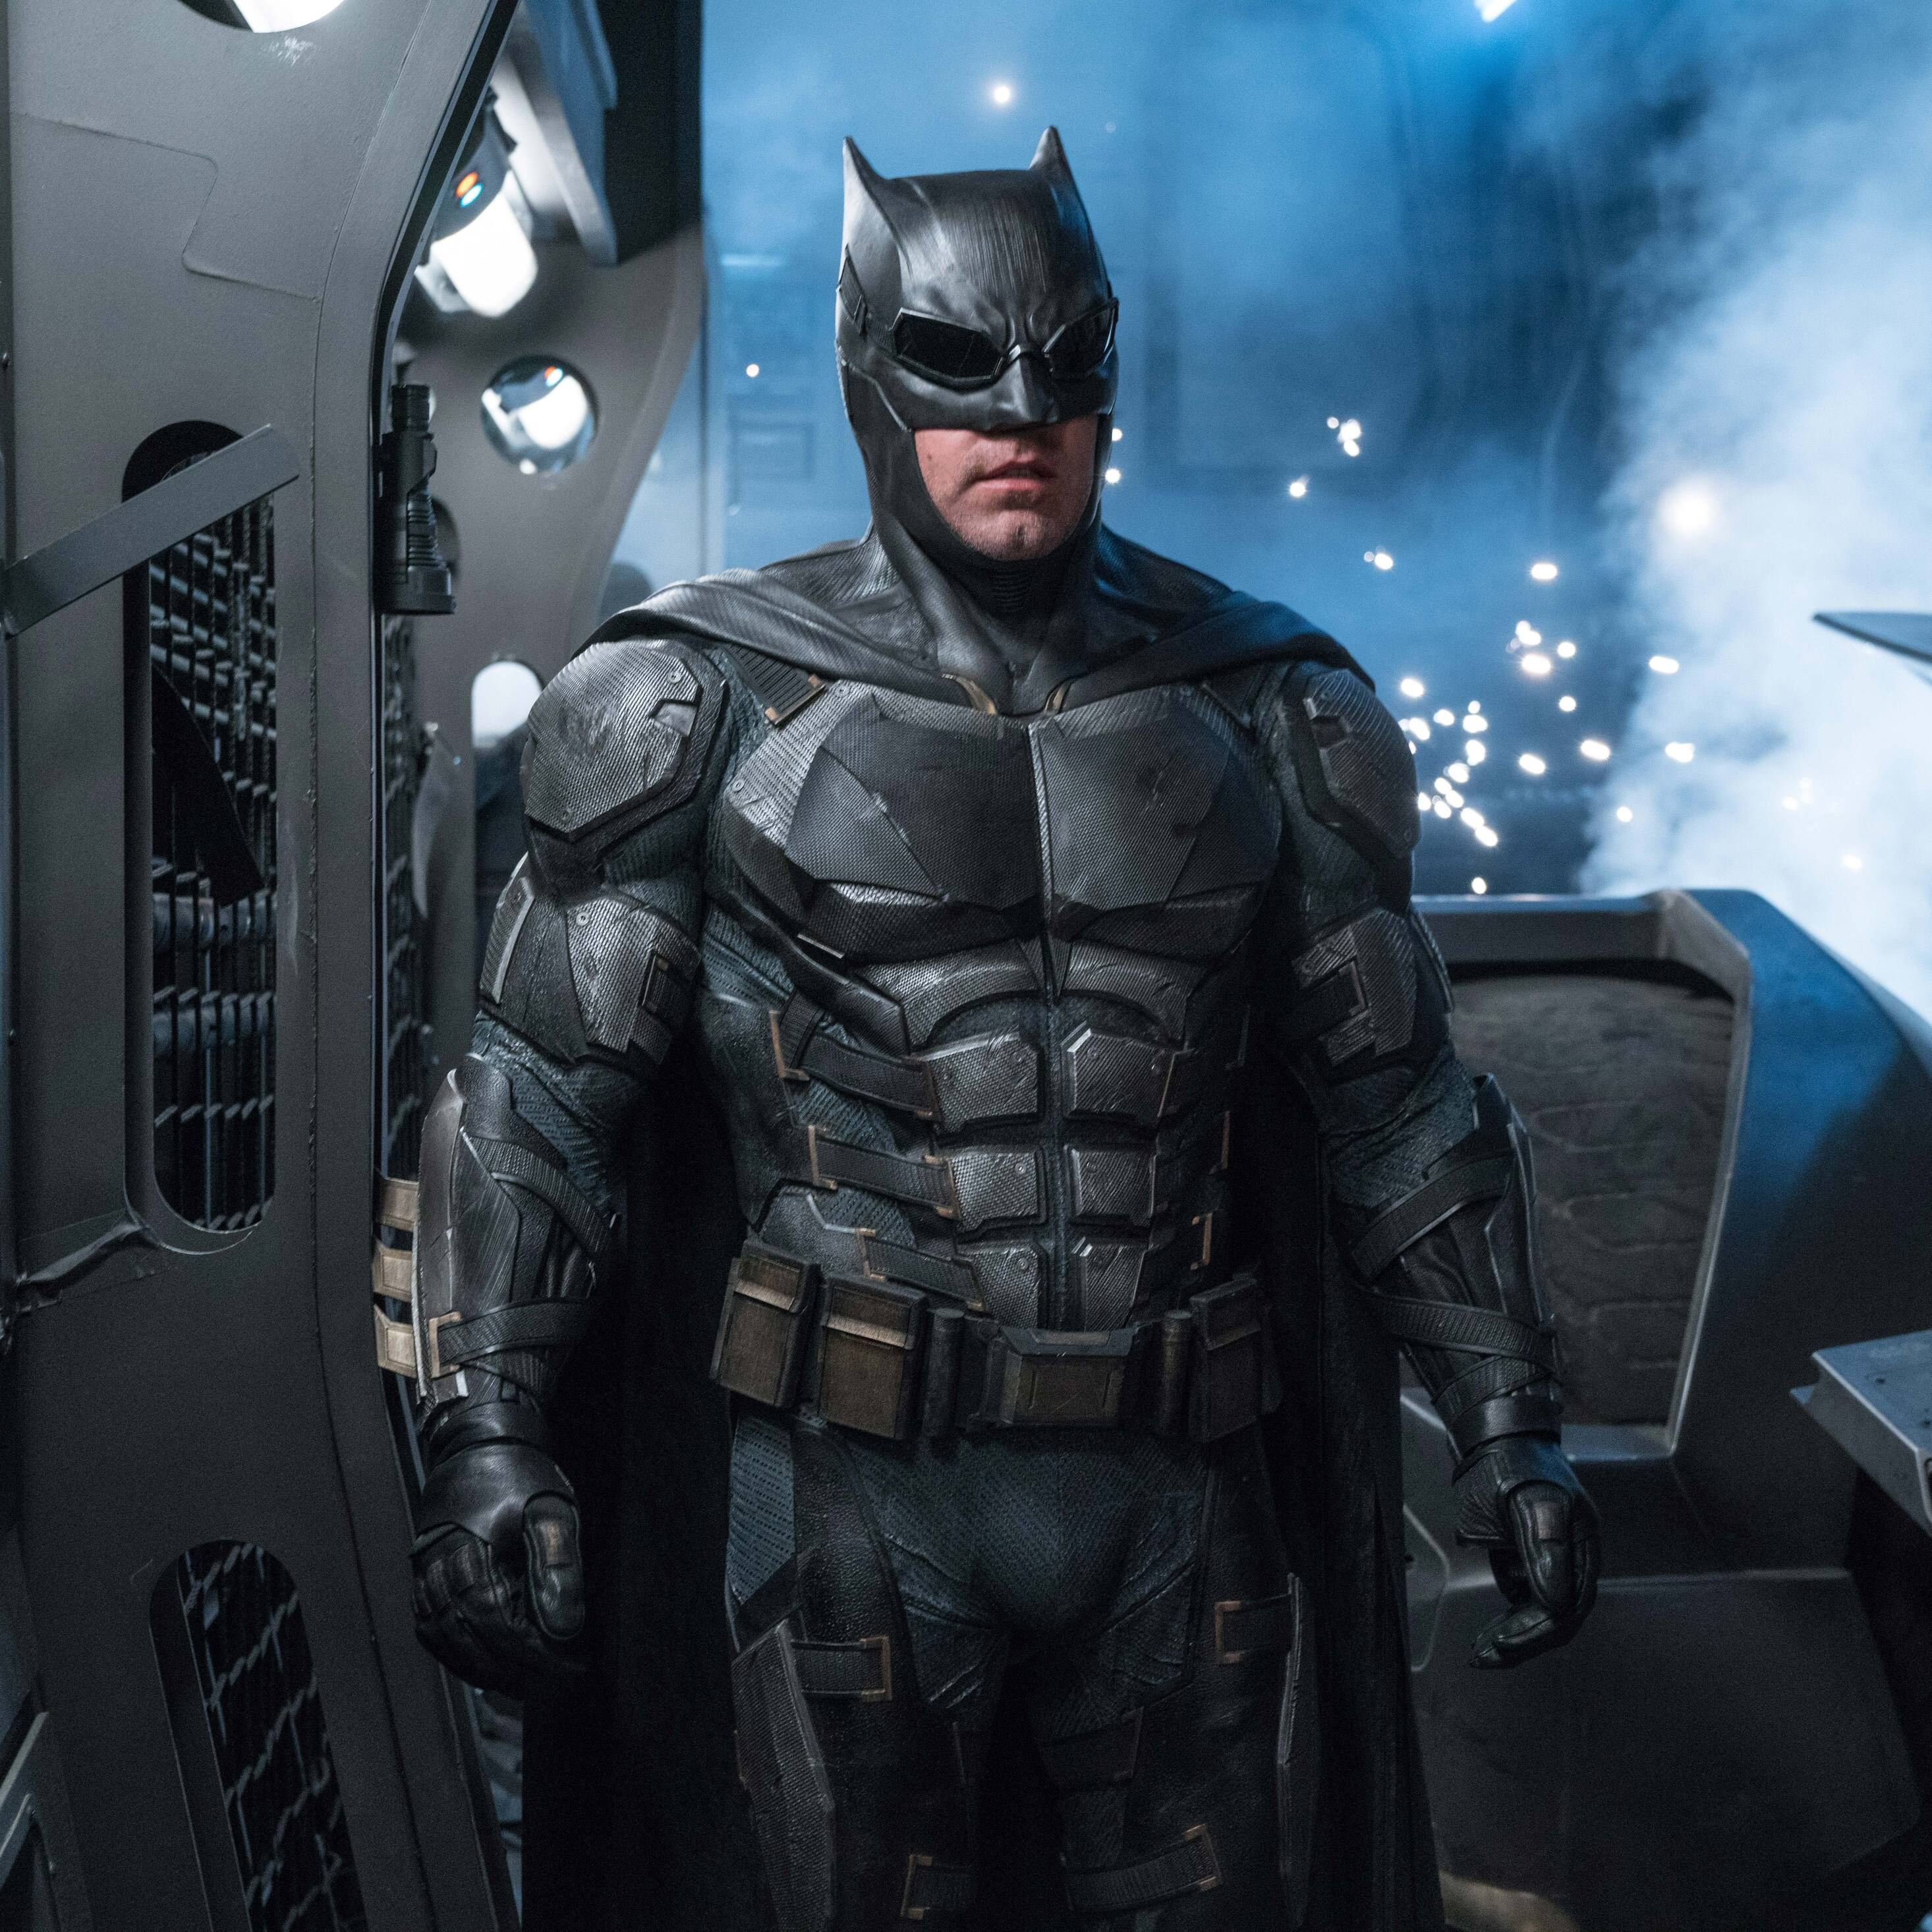 2932x2932 ben affleck as batman in justice league 8k ipad - Ben affleck batman wallpaper ...